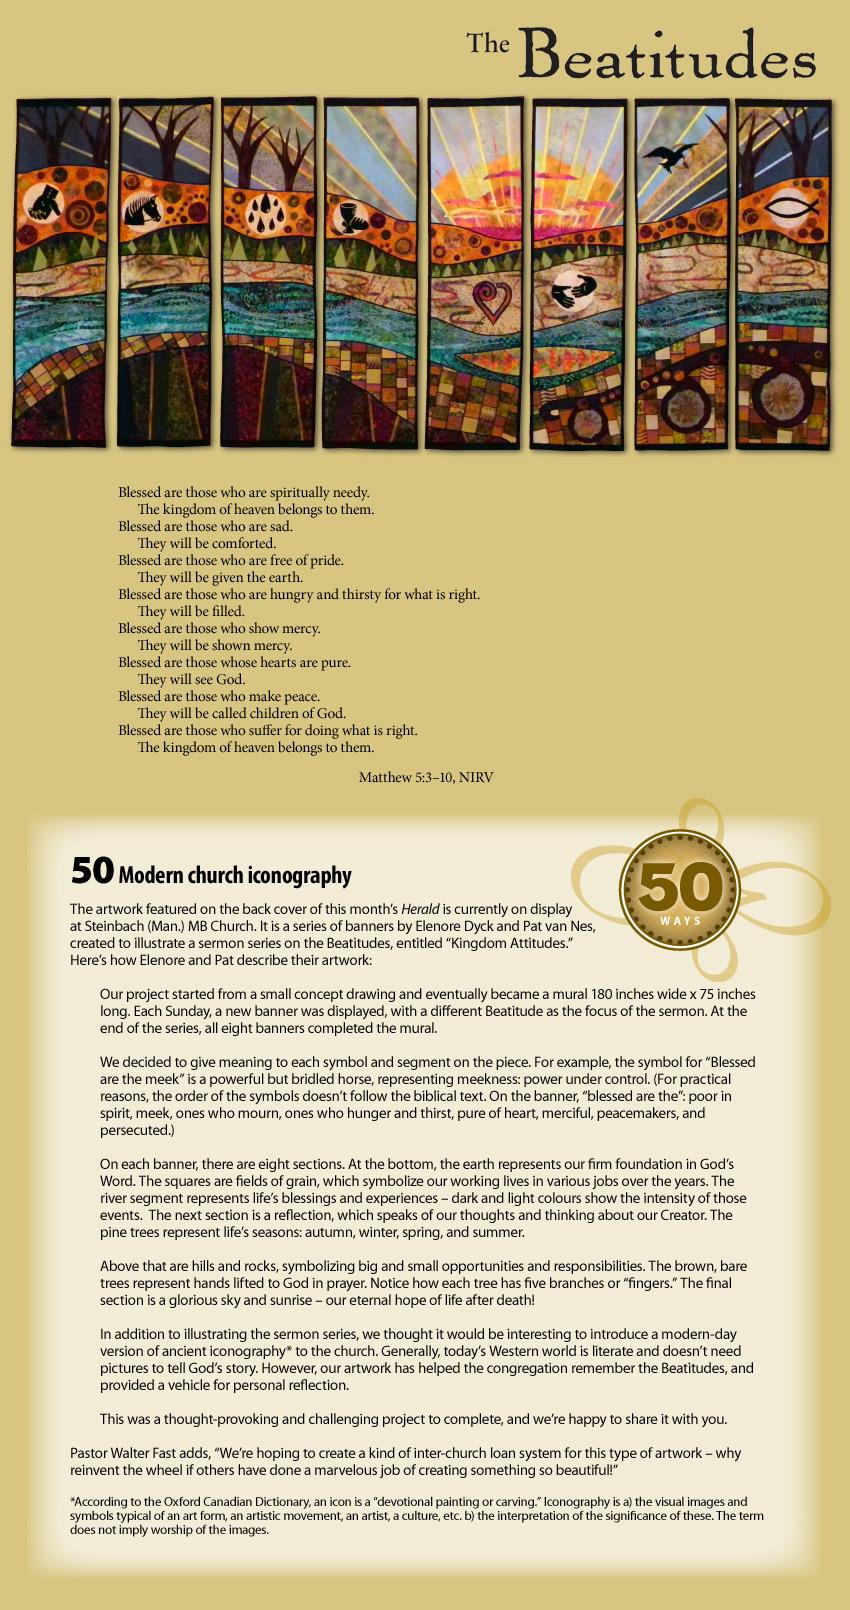 50-ways-50-image-large